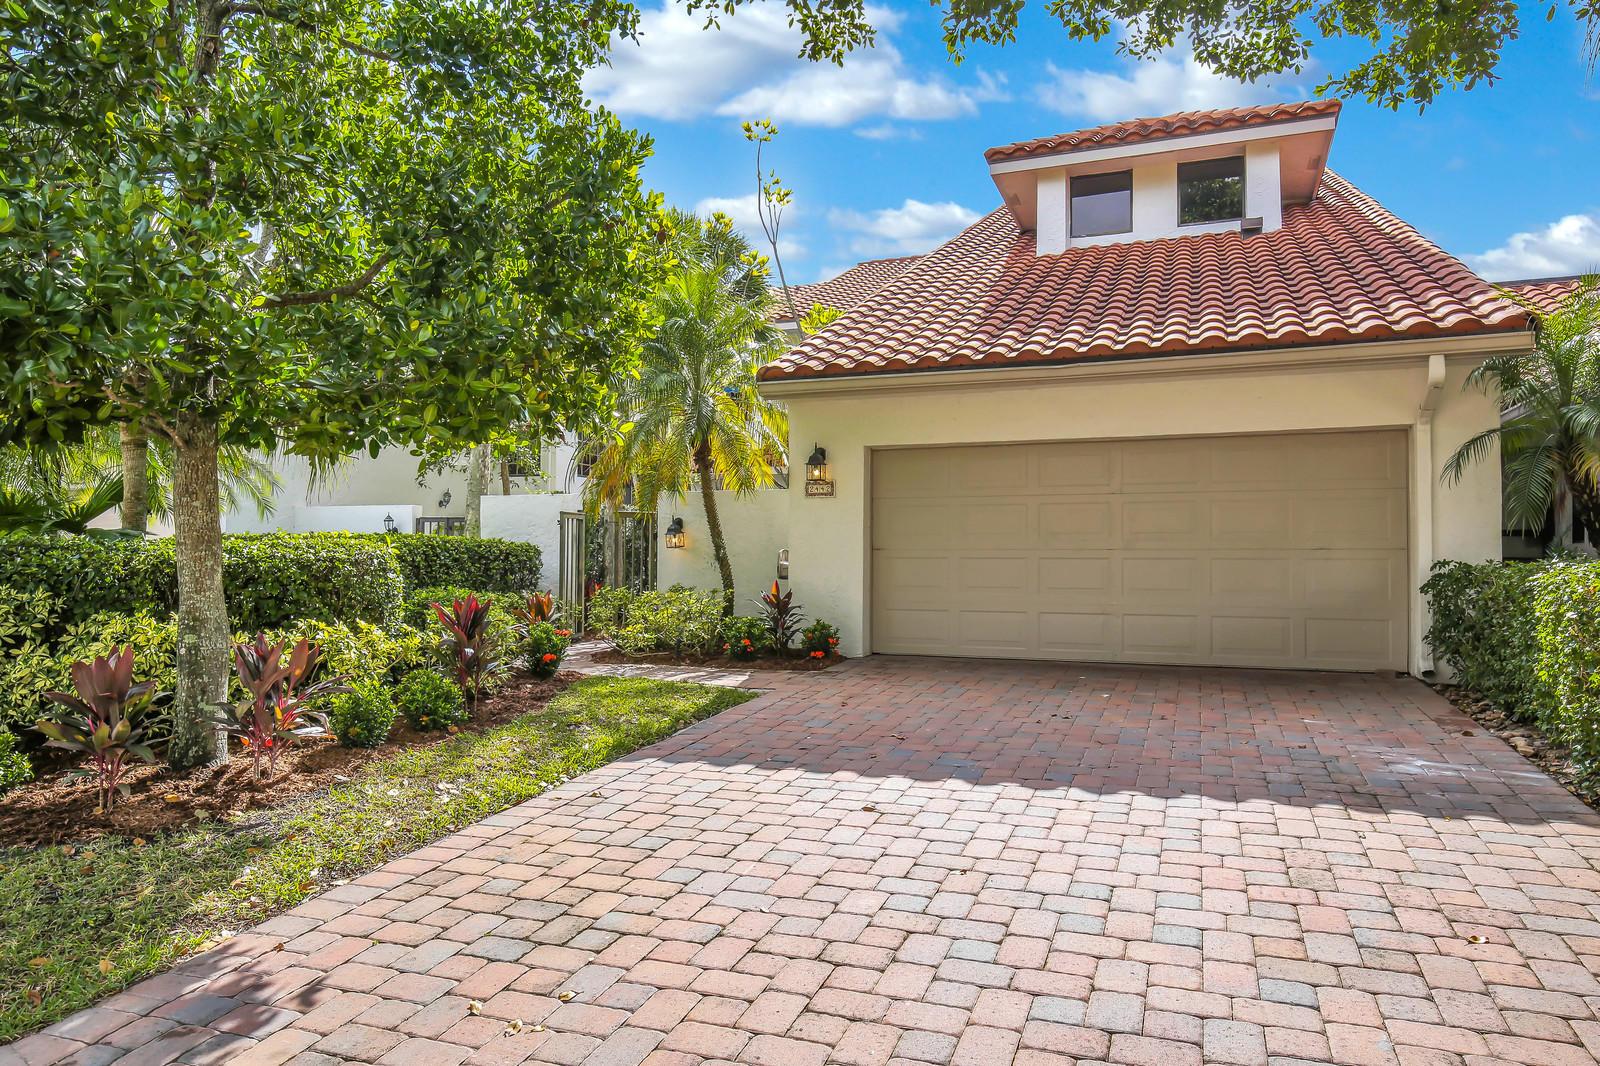 2442 Windsor Way, Wellington, Florida 33414, 3 Bedrooms Bedrooms, ,4.1 BathroomsBathrooms,Townhouse,For Rent,Windsor,1,RX-10516275